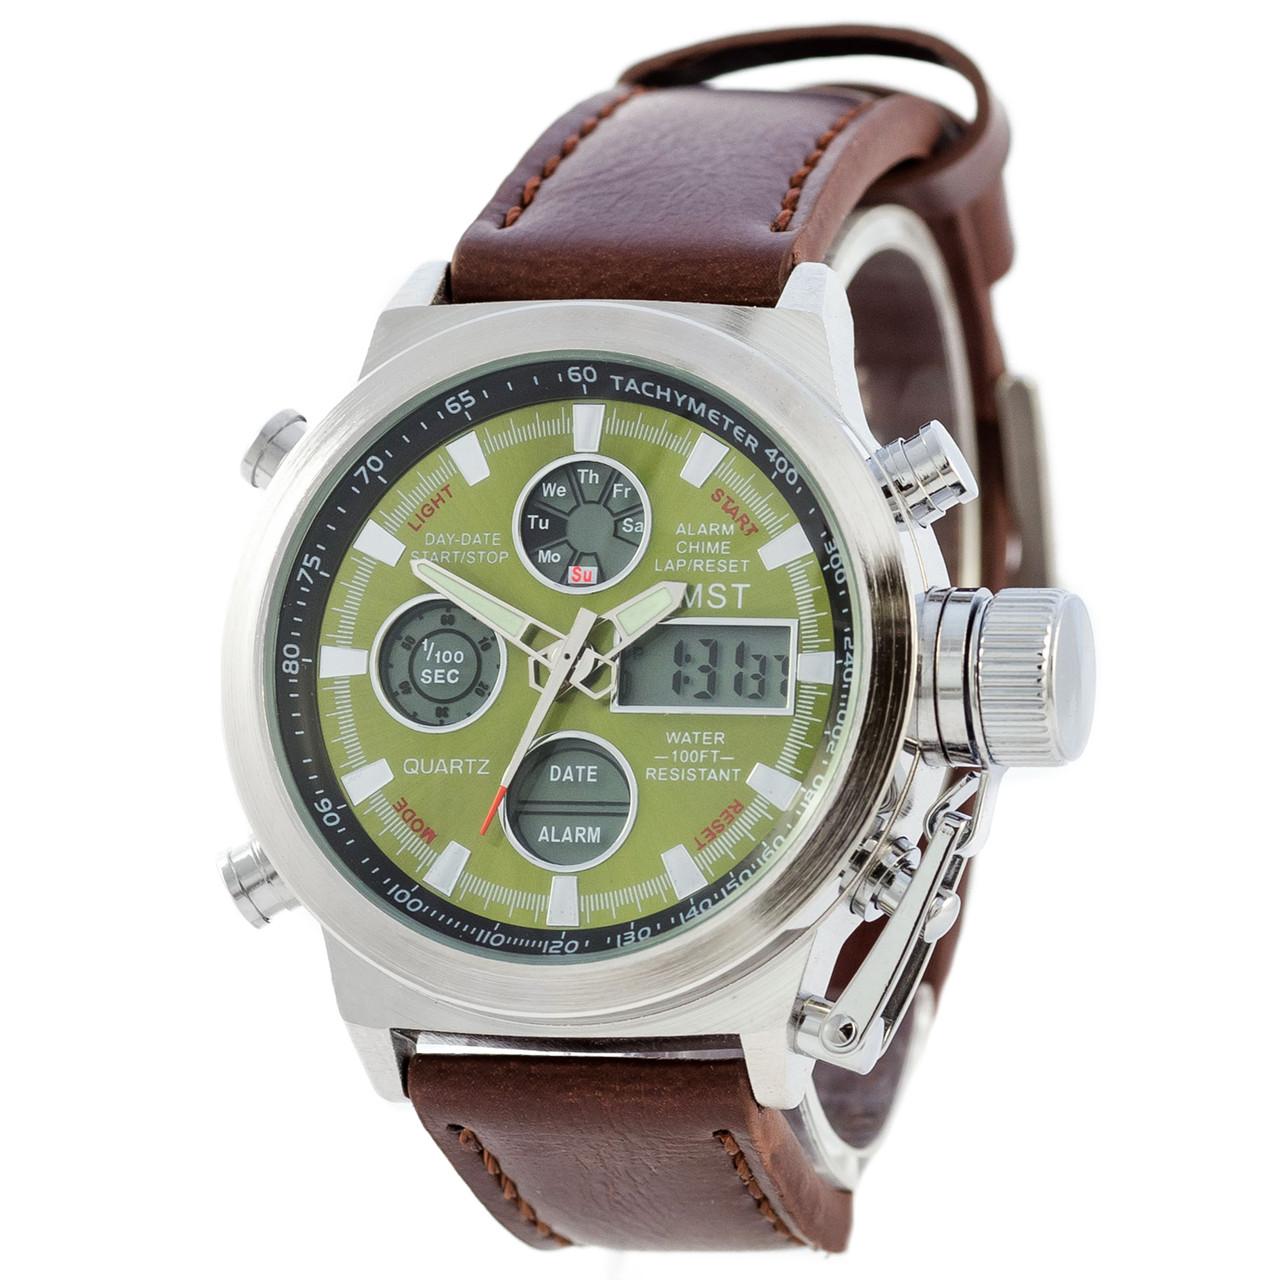 Мужские наручные часы AMST AM3003 Brown/Silver/Green